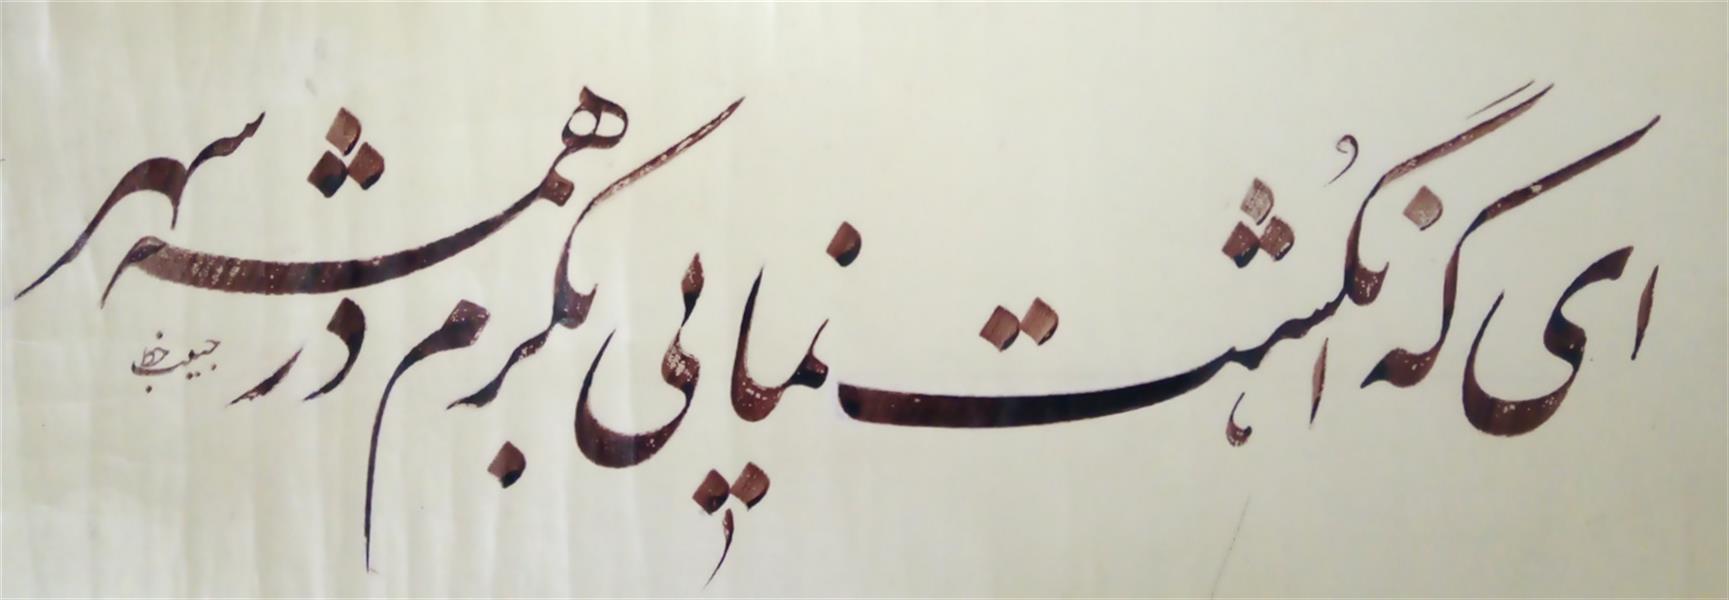 هنر خوشنویسی محفل خوشنویسی (Hghgallery(Habib Ghanbari ای کع انگشت نمایی بکرم در همه شهر خوشنویسی حبیب قنبری 1399 مرکب ترکیبی و کاغذ اهارمهره و قلم 6 میلیمتر